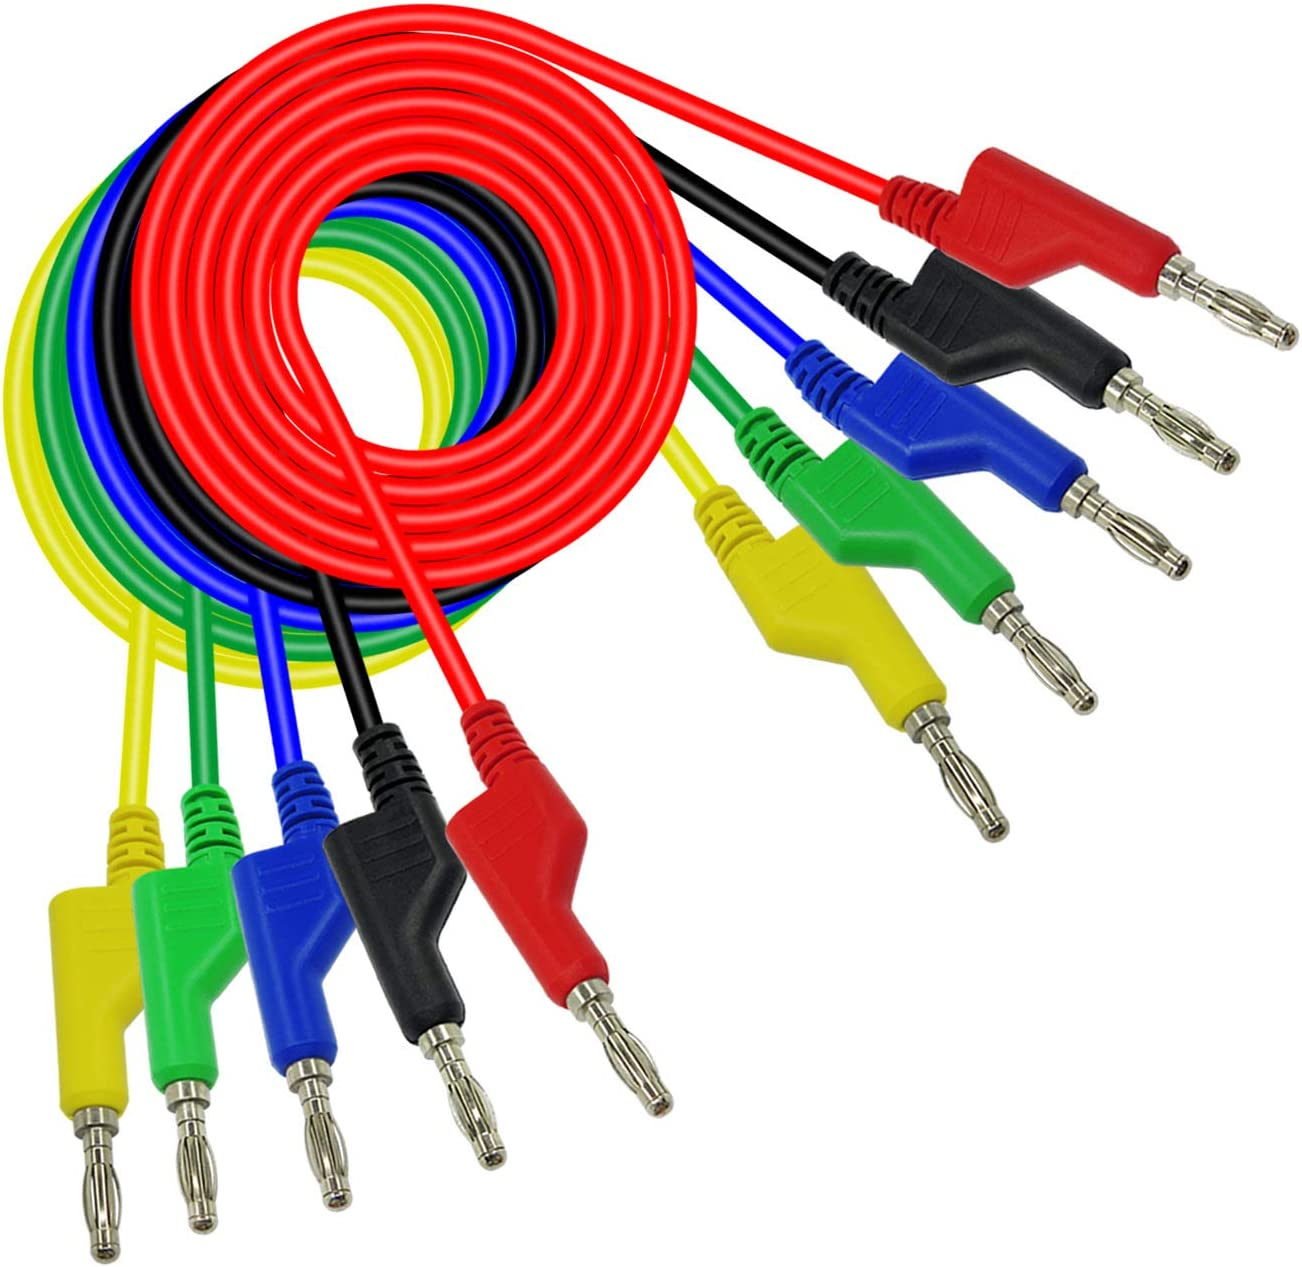 Cable de Prueba para Pruebas el/éctricas de Laboratorio 4 mm Aofan 5 Unidades